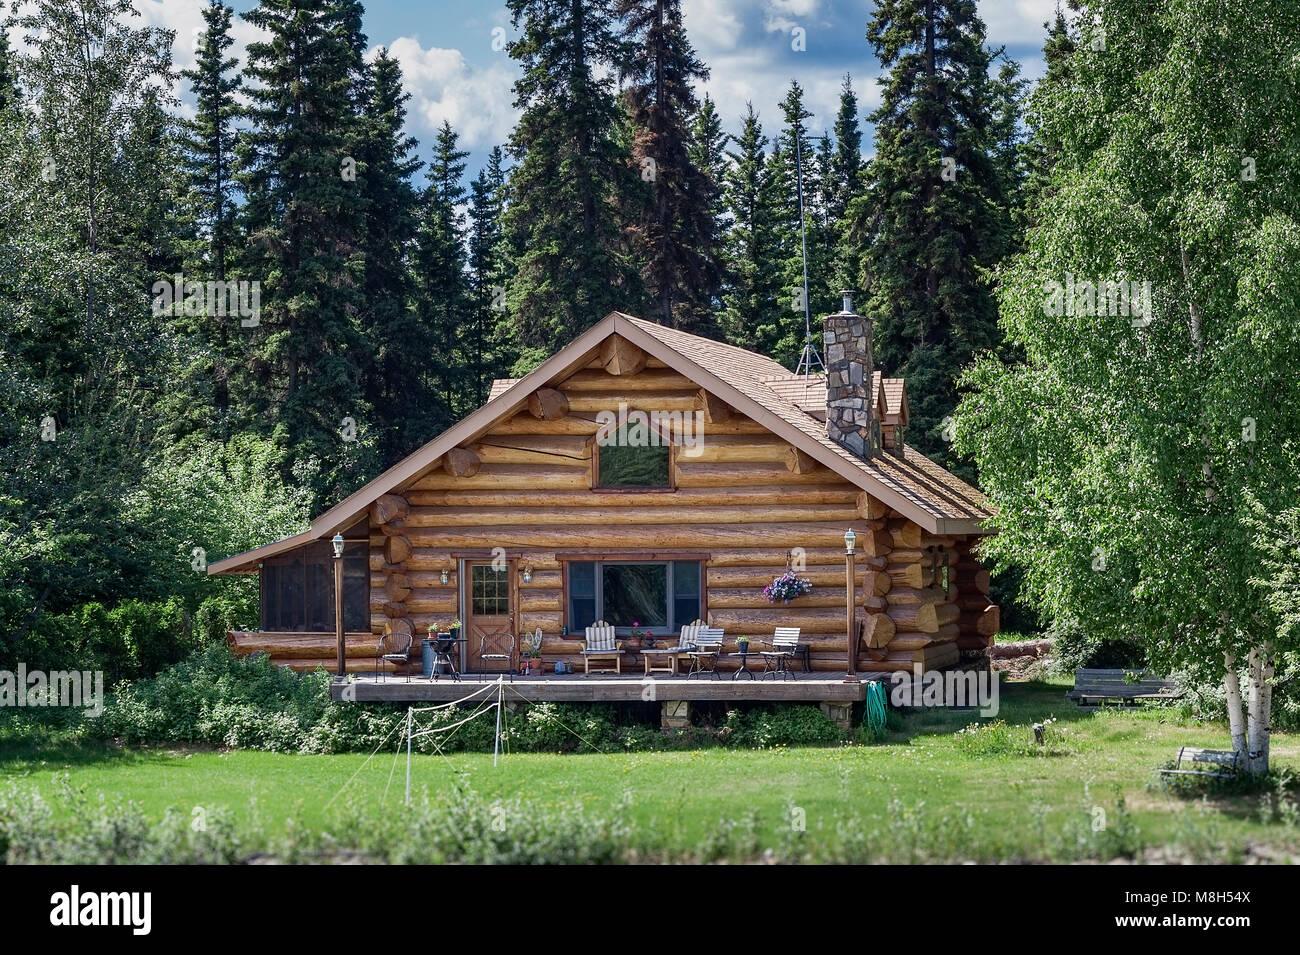 Log cabin home on the banks of the Chena River, Fairbanks, Alaska, USA. - Stock Image